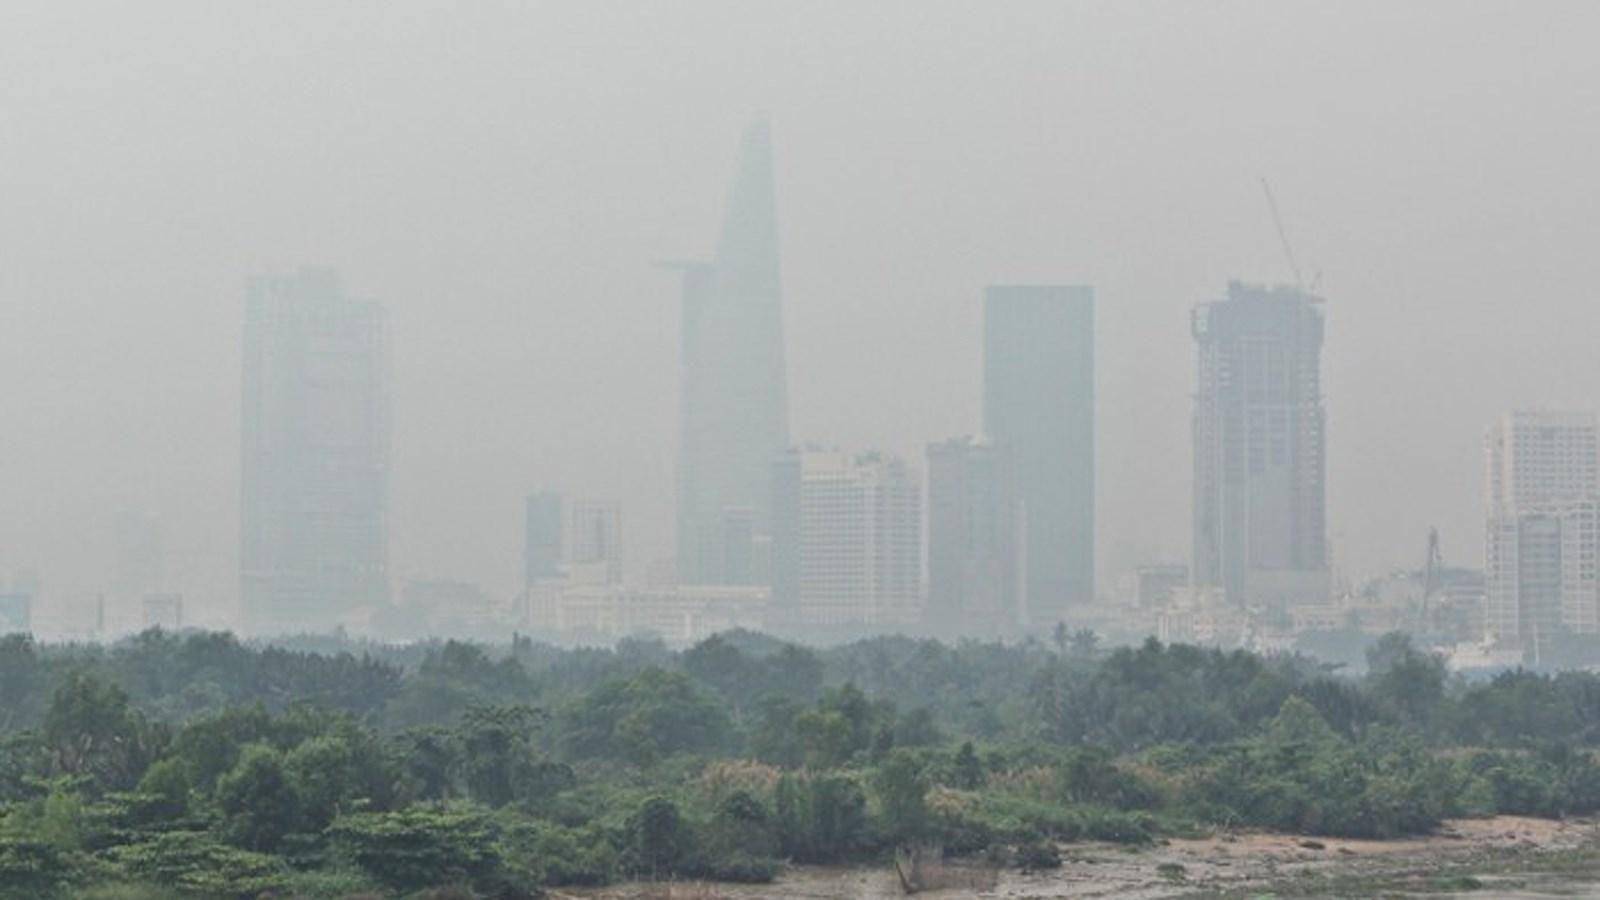 """Không khí ô nhiễm ở mức nguy hại, thị trường xuất hiện """"căn hộ thanh lọc không khí"""""""